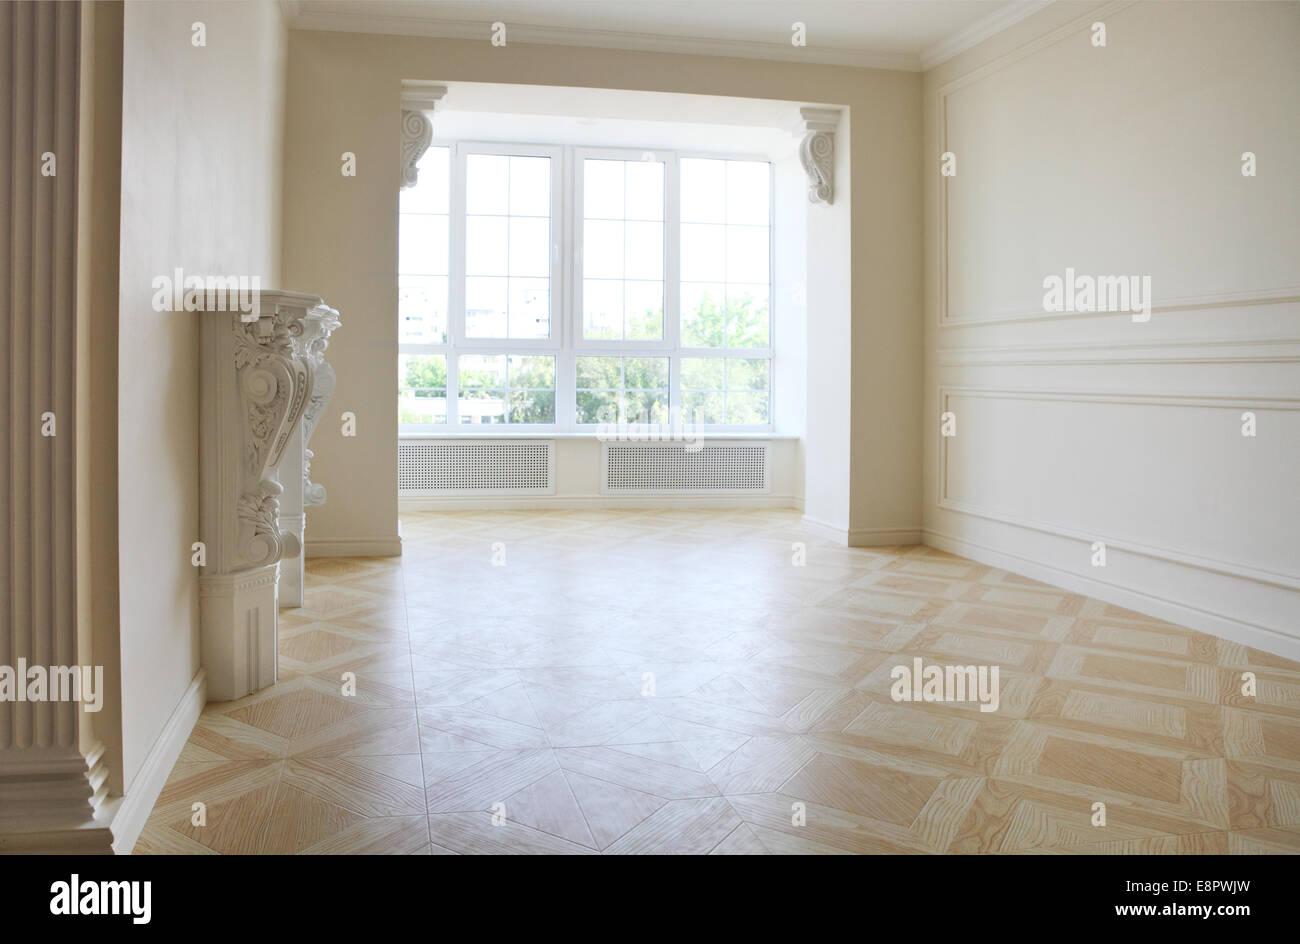 Beau Salon Dans Des Tons Lumineux Avec Cheminee Et Grande Fenetre Photo Stock Alamy